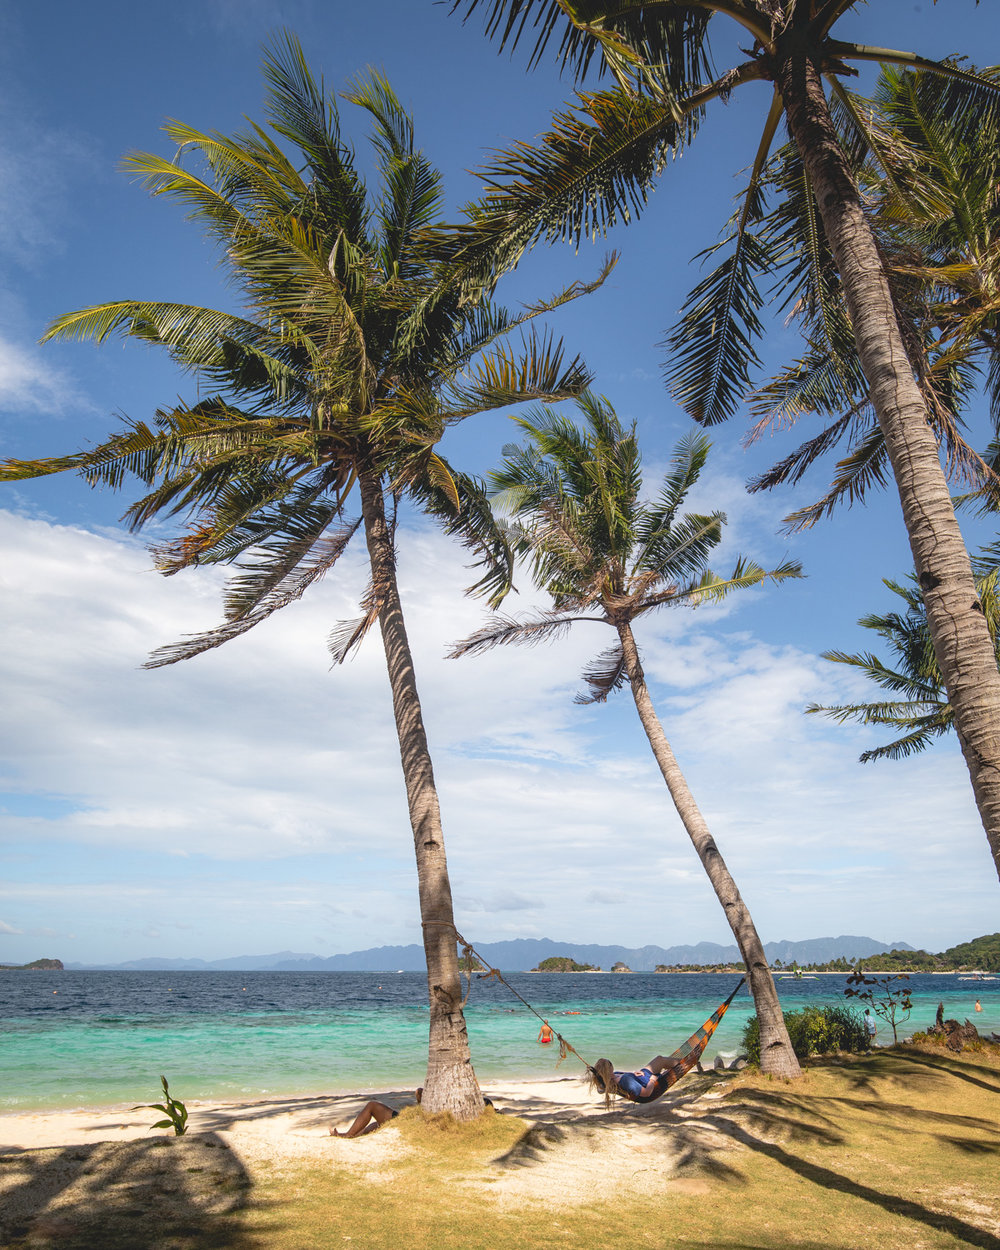 Hammock bliss on Banana Island